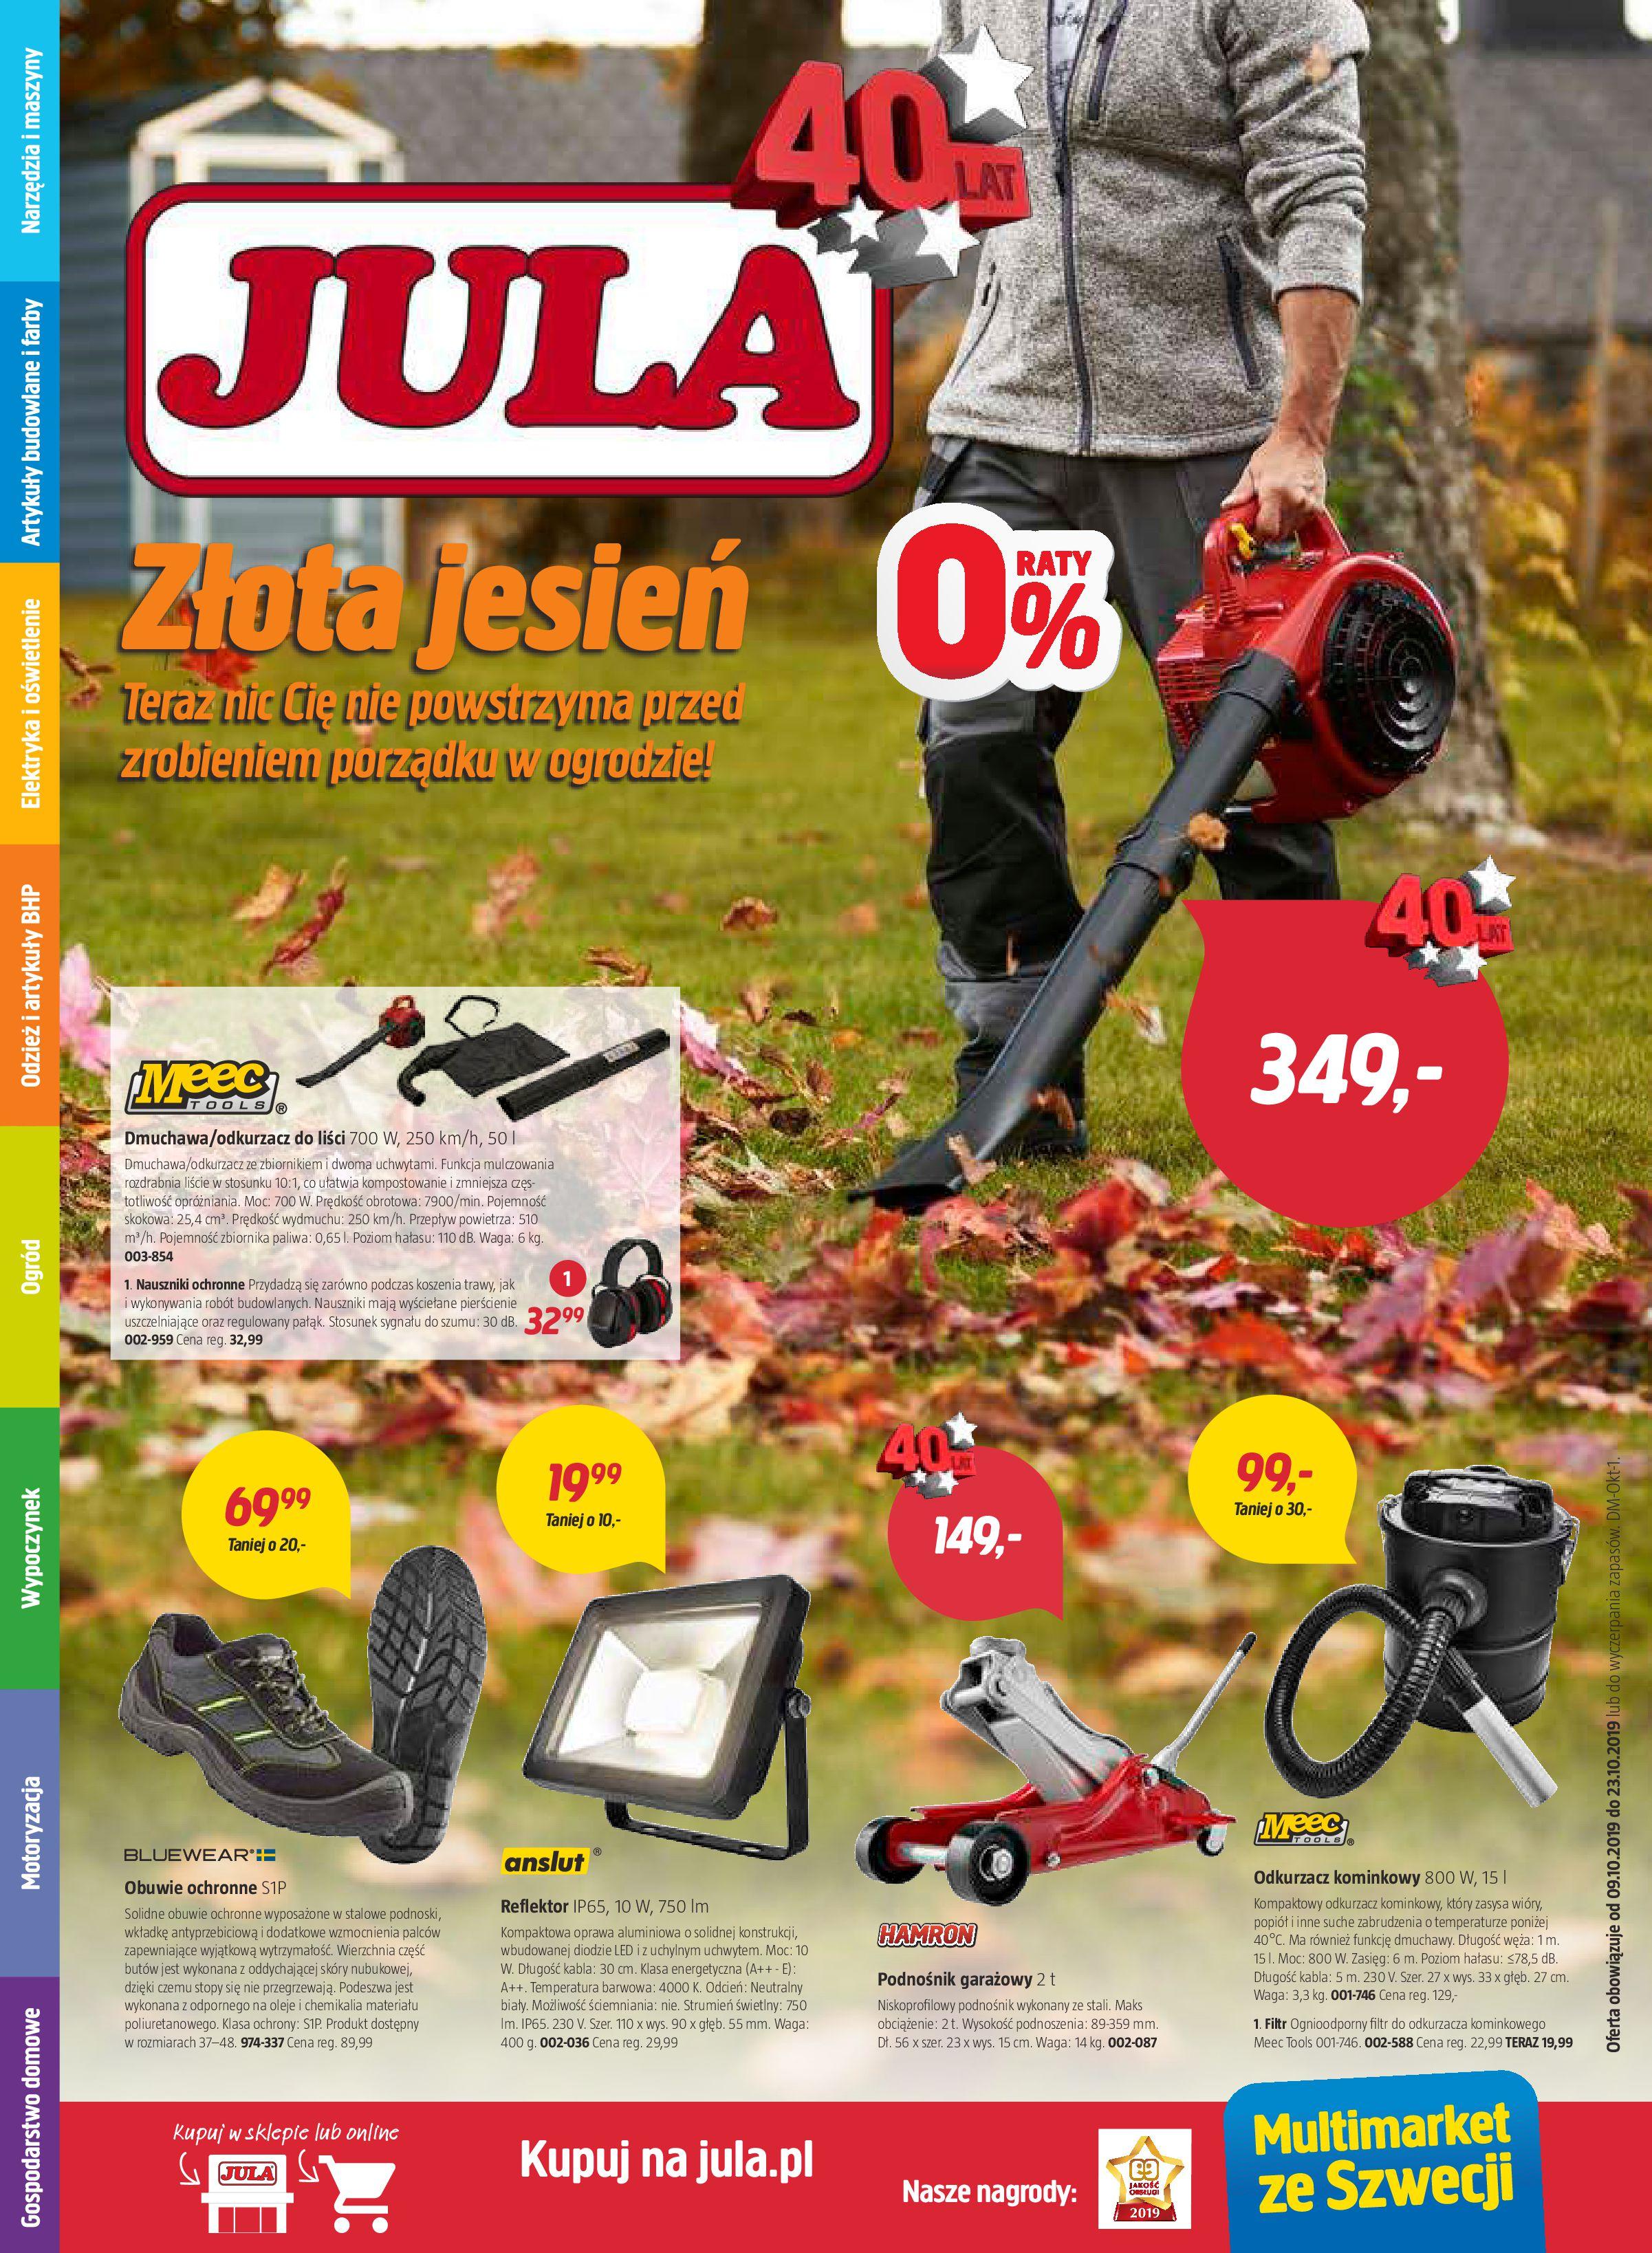 Gazetka Jula - Złota jesień-09.10.2019-23.10.2019-page-